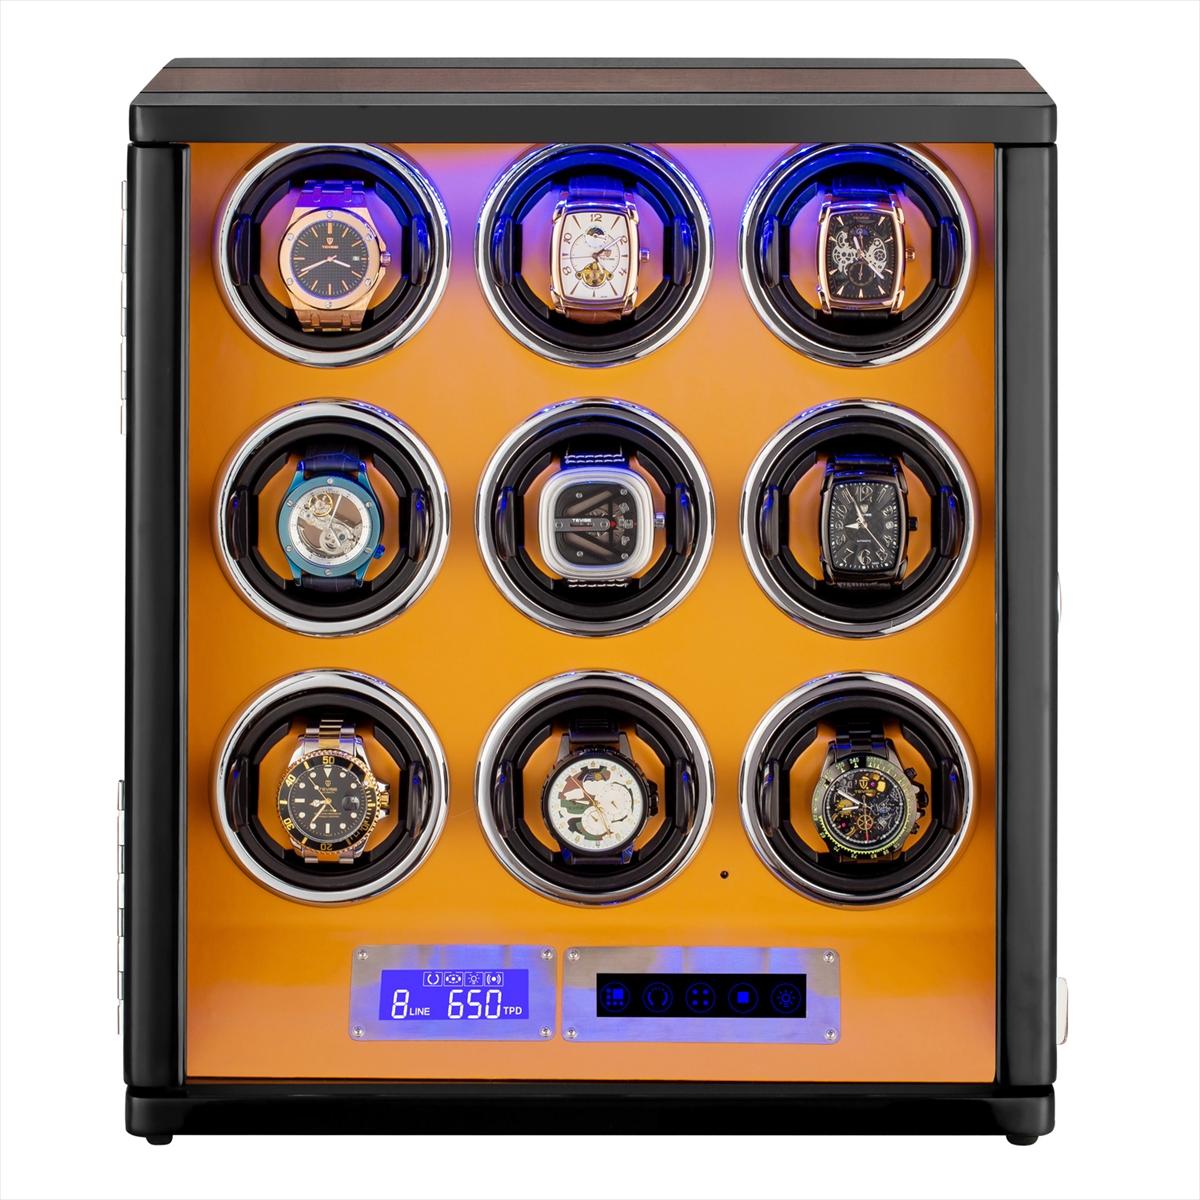 HOKUTO ワインディングマシーン 腕時計自動巻き器 ウォッチワインダー 9本巻き上げLEDライト付き腕時計 自動巻き ワインディングマシン 時計 収納ケース メンズ レディース 自動巻き機 ウォッチケース 時計ケース ギフト スタンド プレゼント 超静音